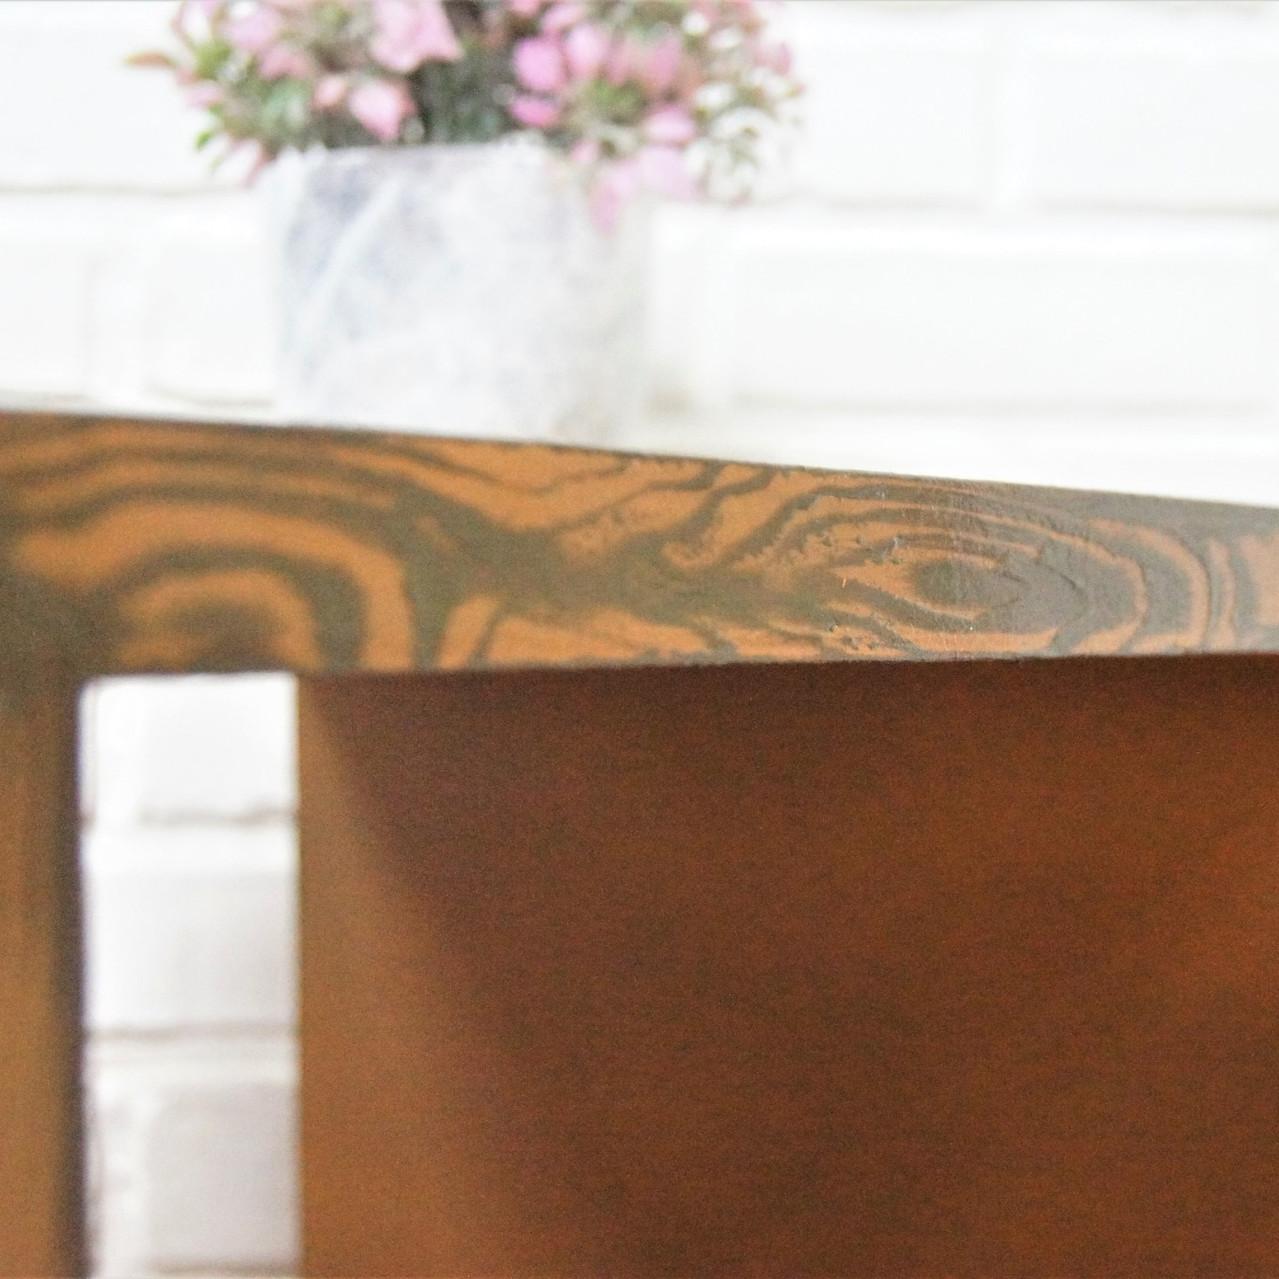 โต๊ะลากลายไม้_๒๐๐๖๑๖_0048